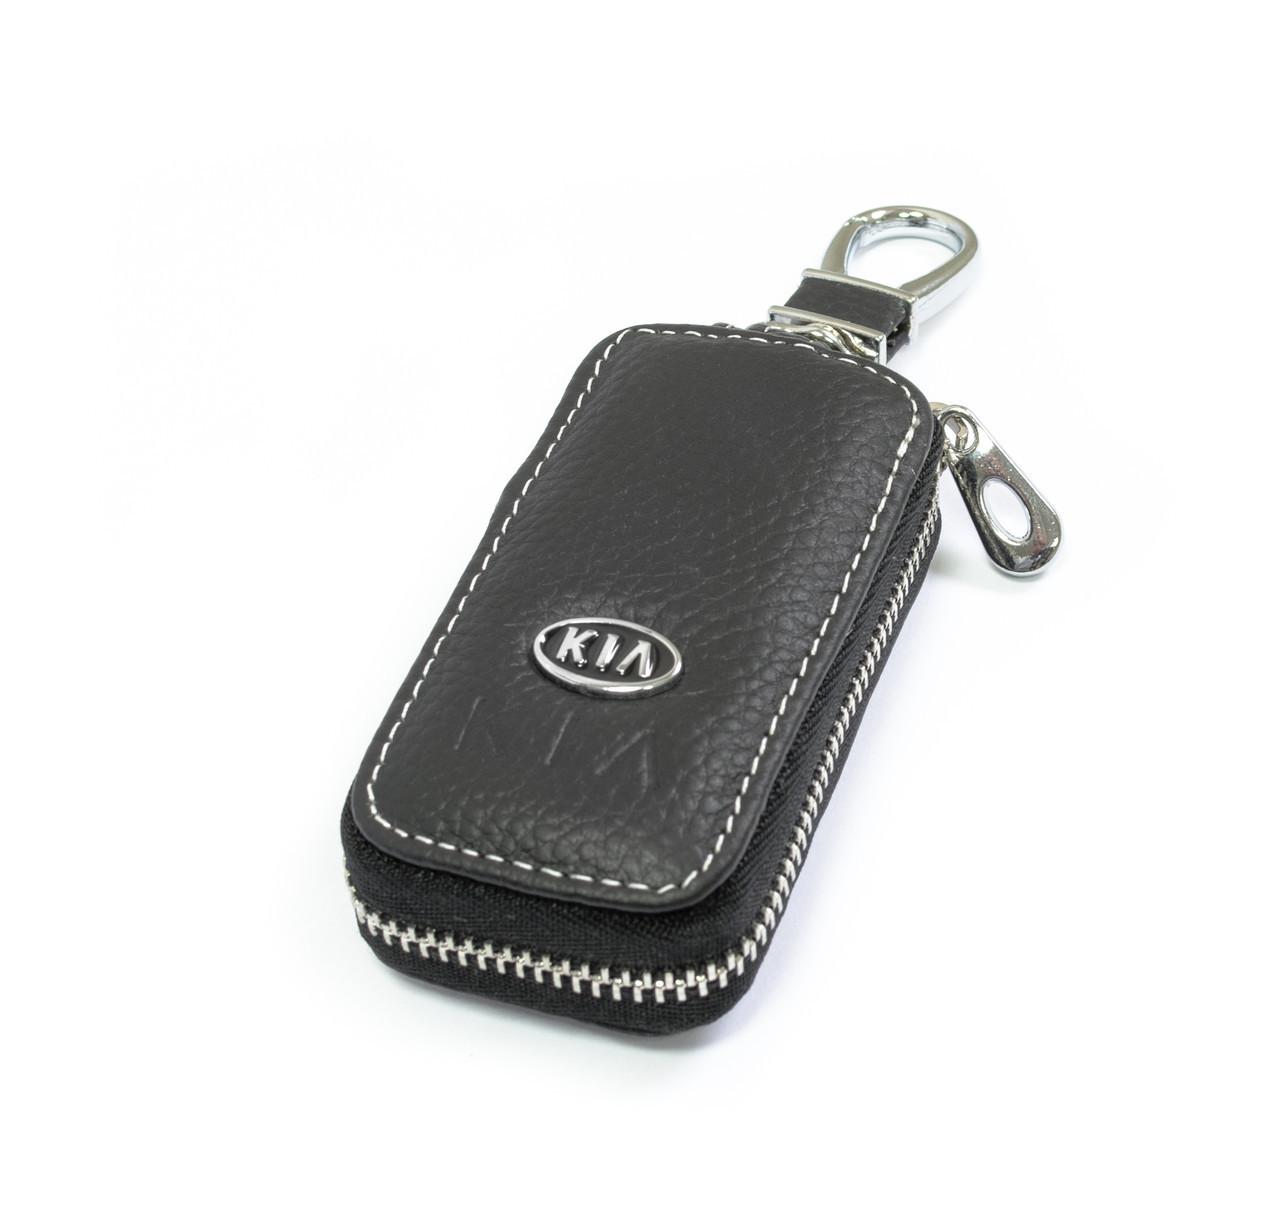 Ключница Carss с логотипом KIA 05010 черная